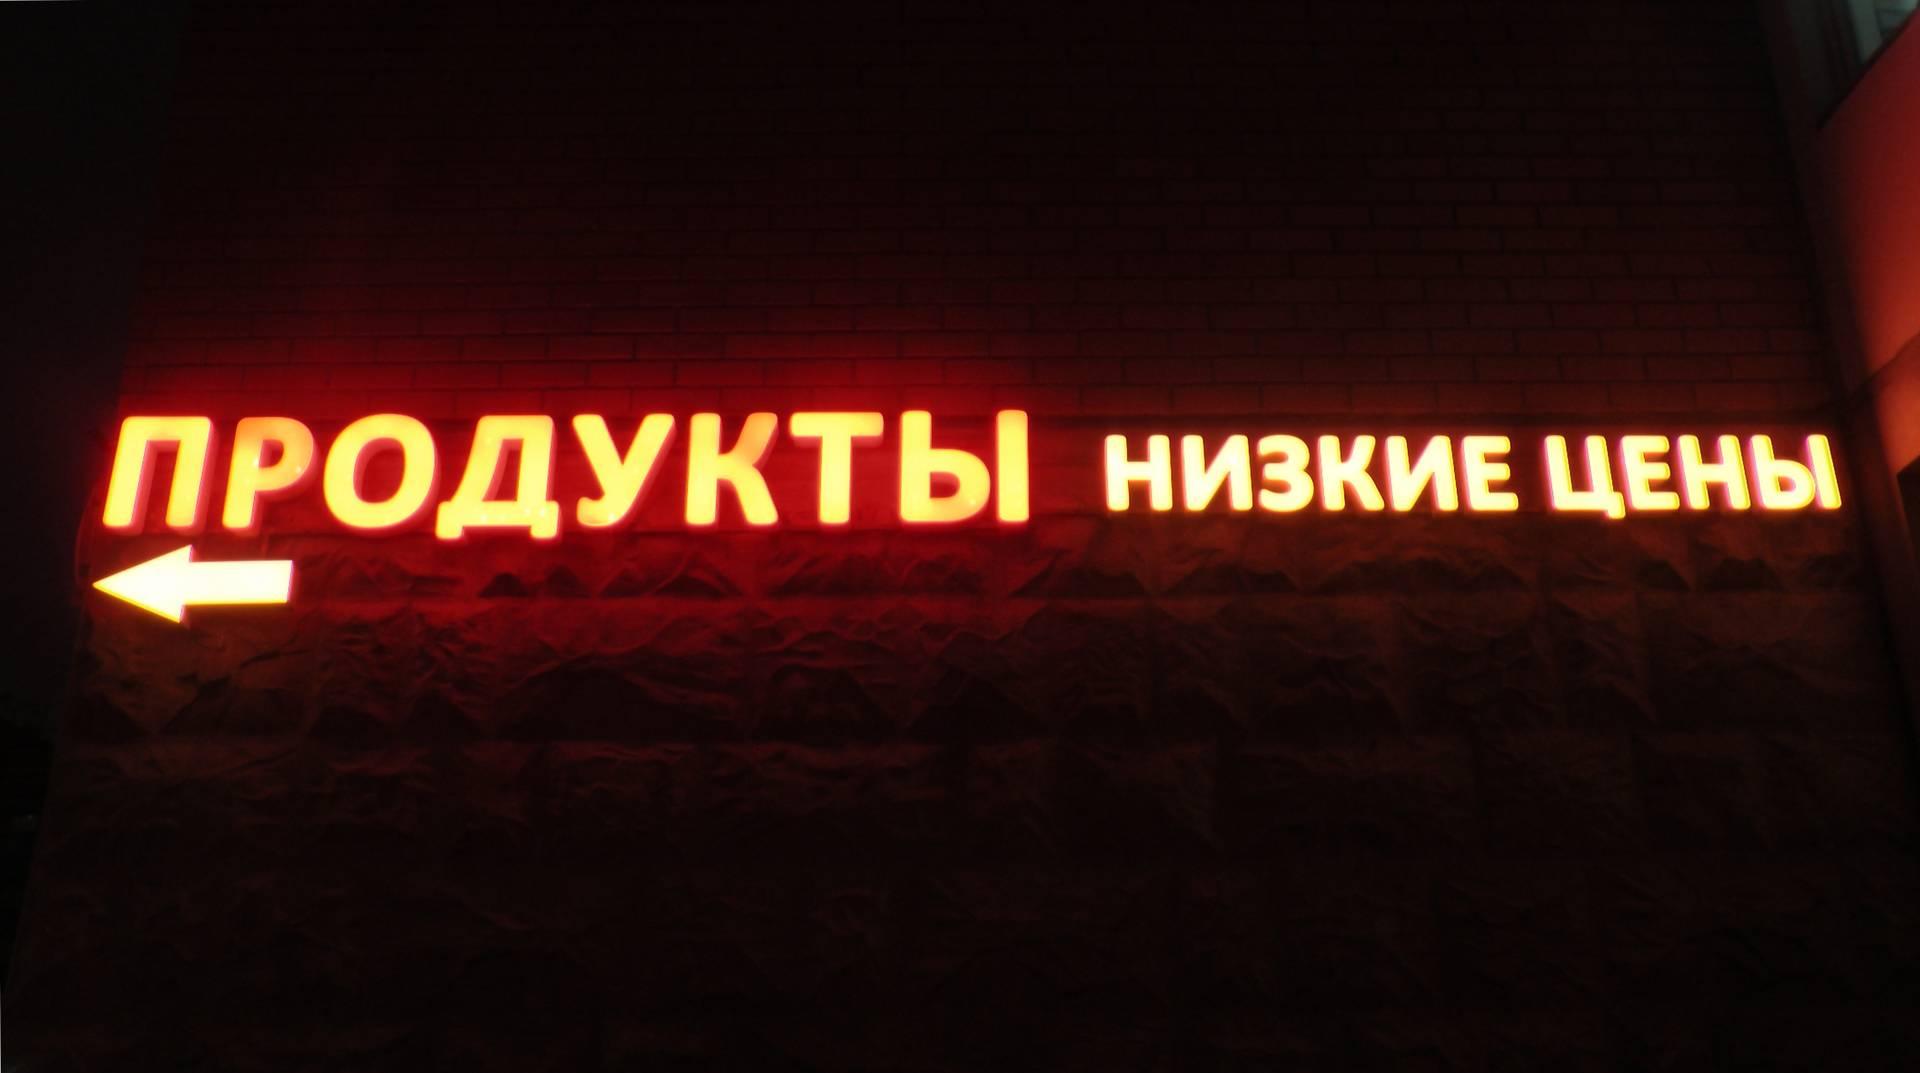 Продукты по низким ценам. Москва. 2018